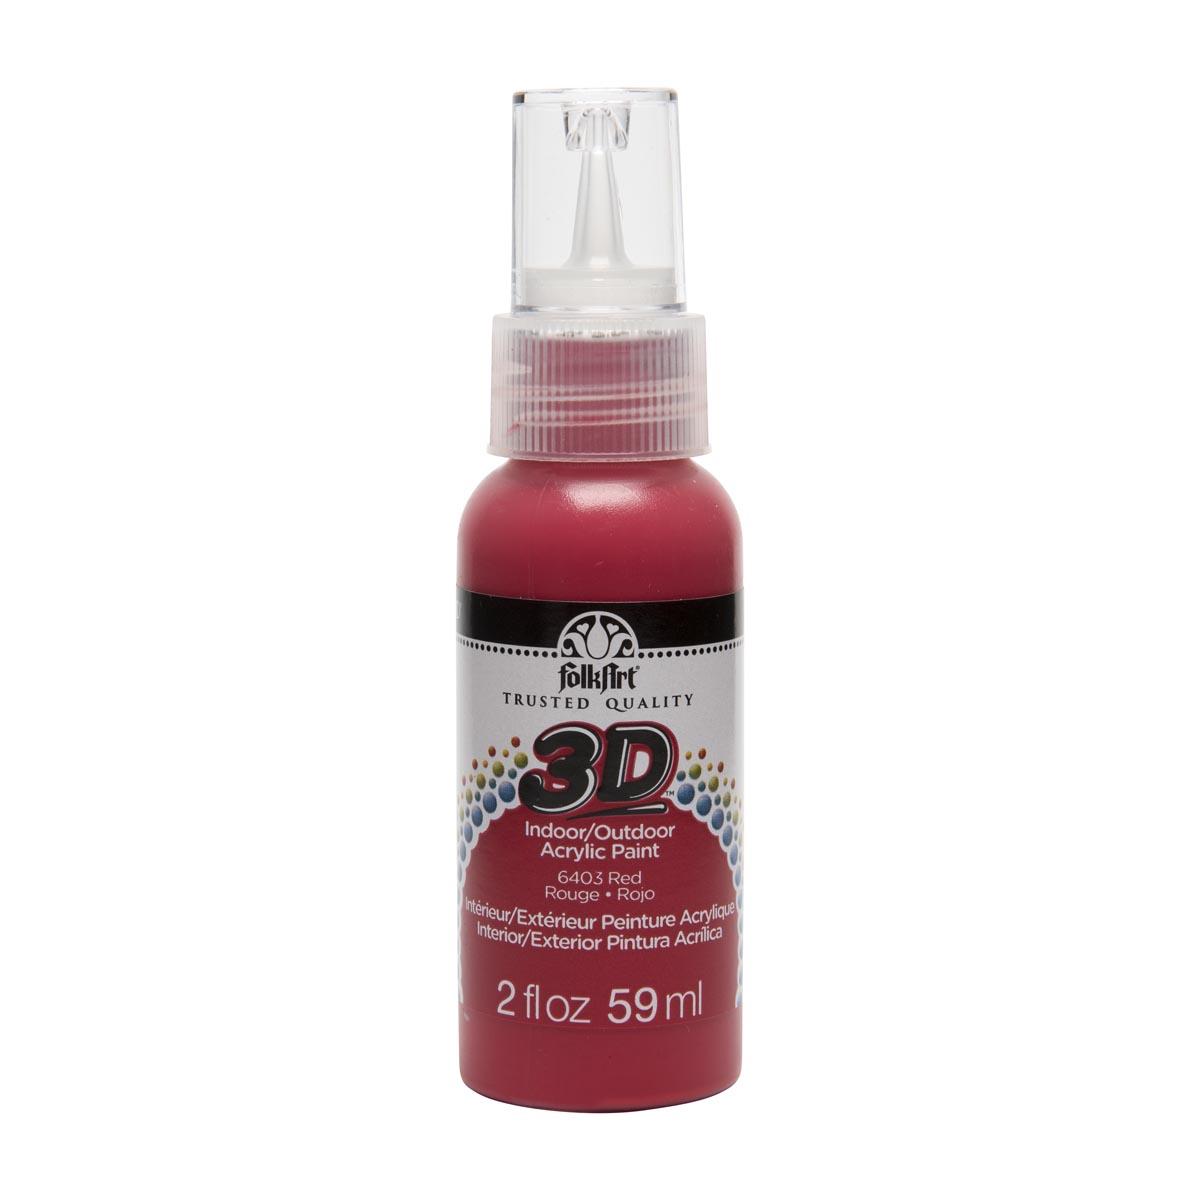 FolkArt ® 3D™ Acrylic Paint - Red, 2 oz.